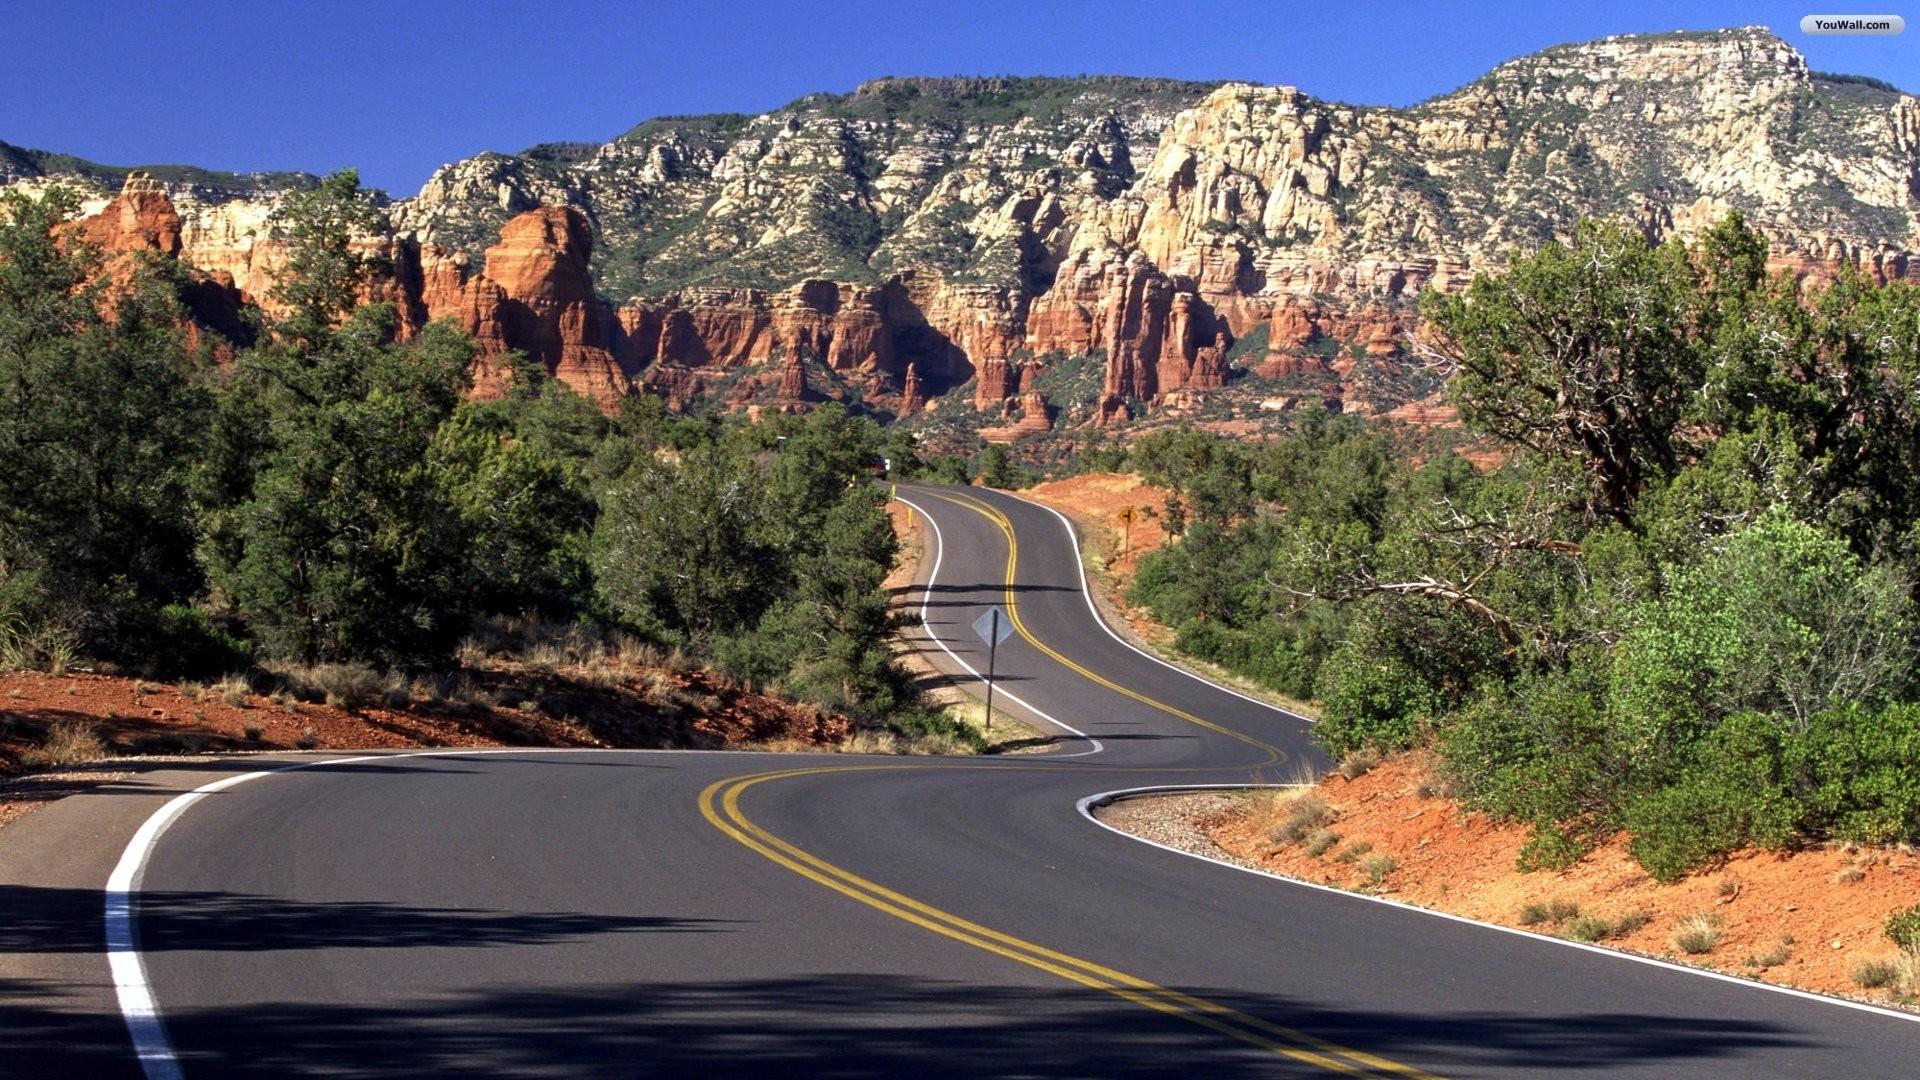 arizona background (60+ images)